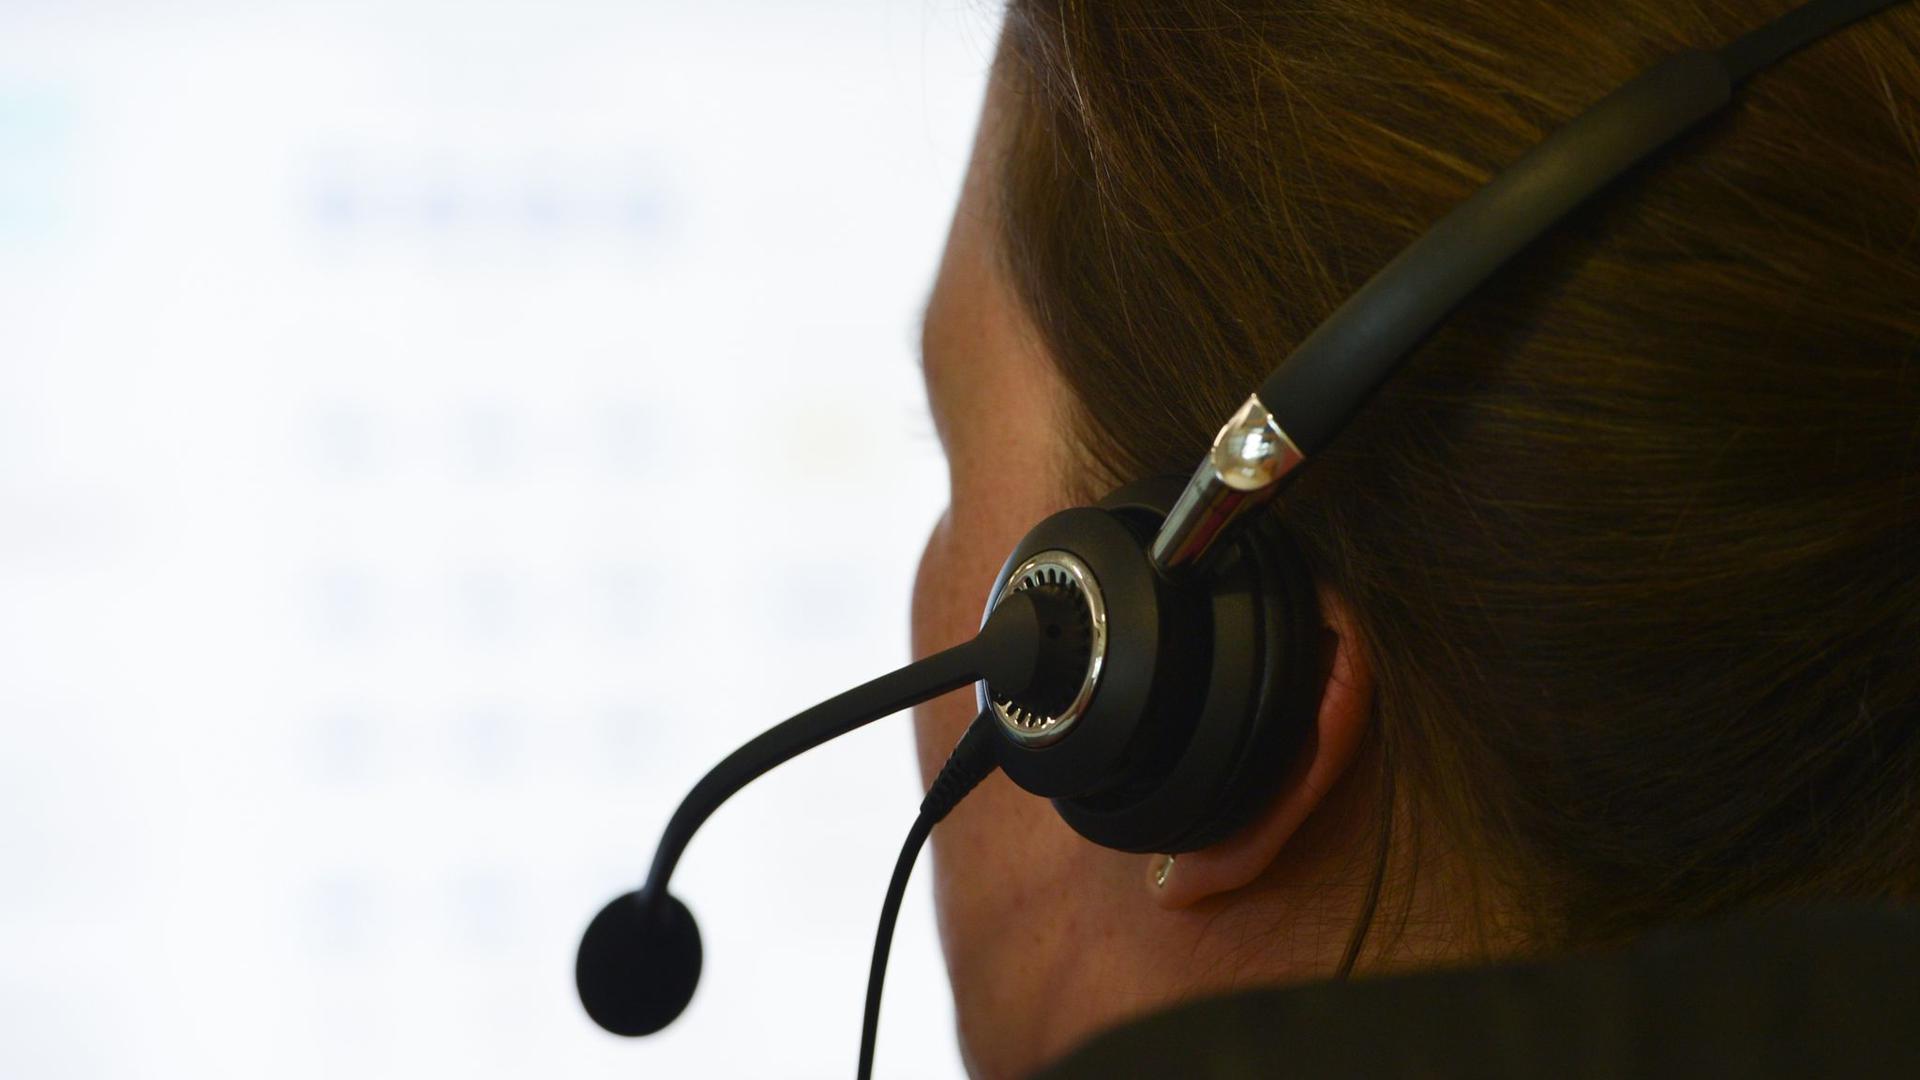 Immer mehr Menschen inDeutschland beschweren sich über unerlaubte Telefonwerbeanrufe.